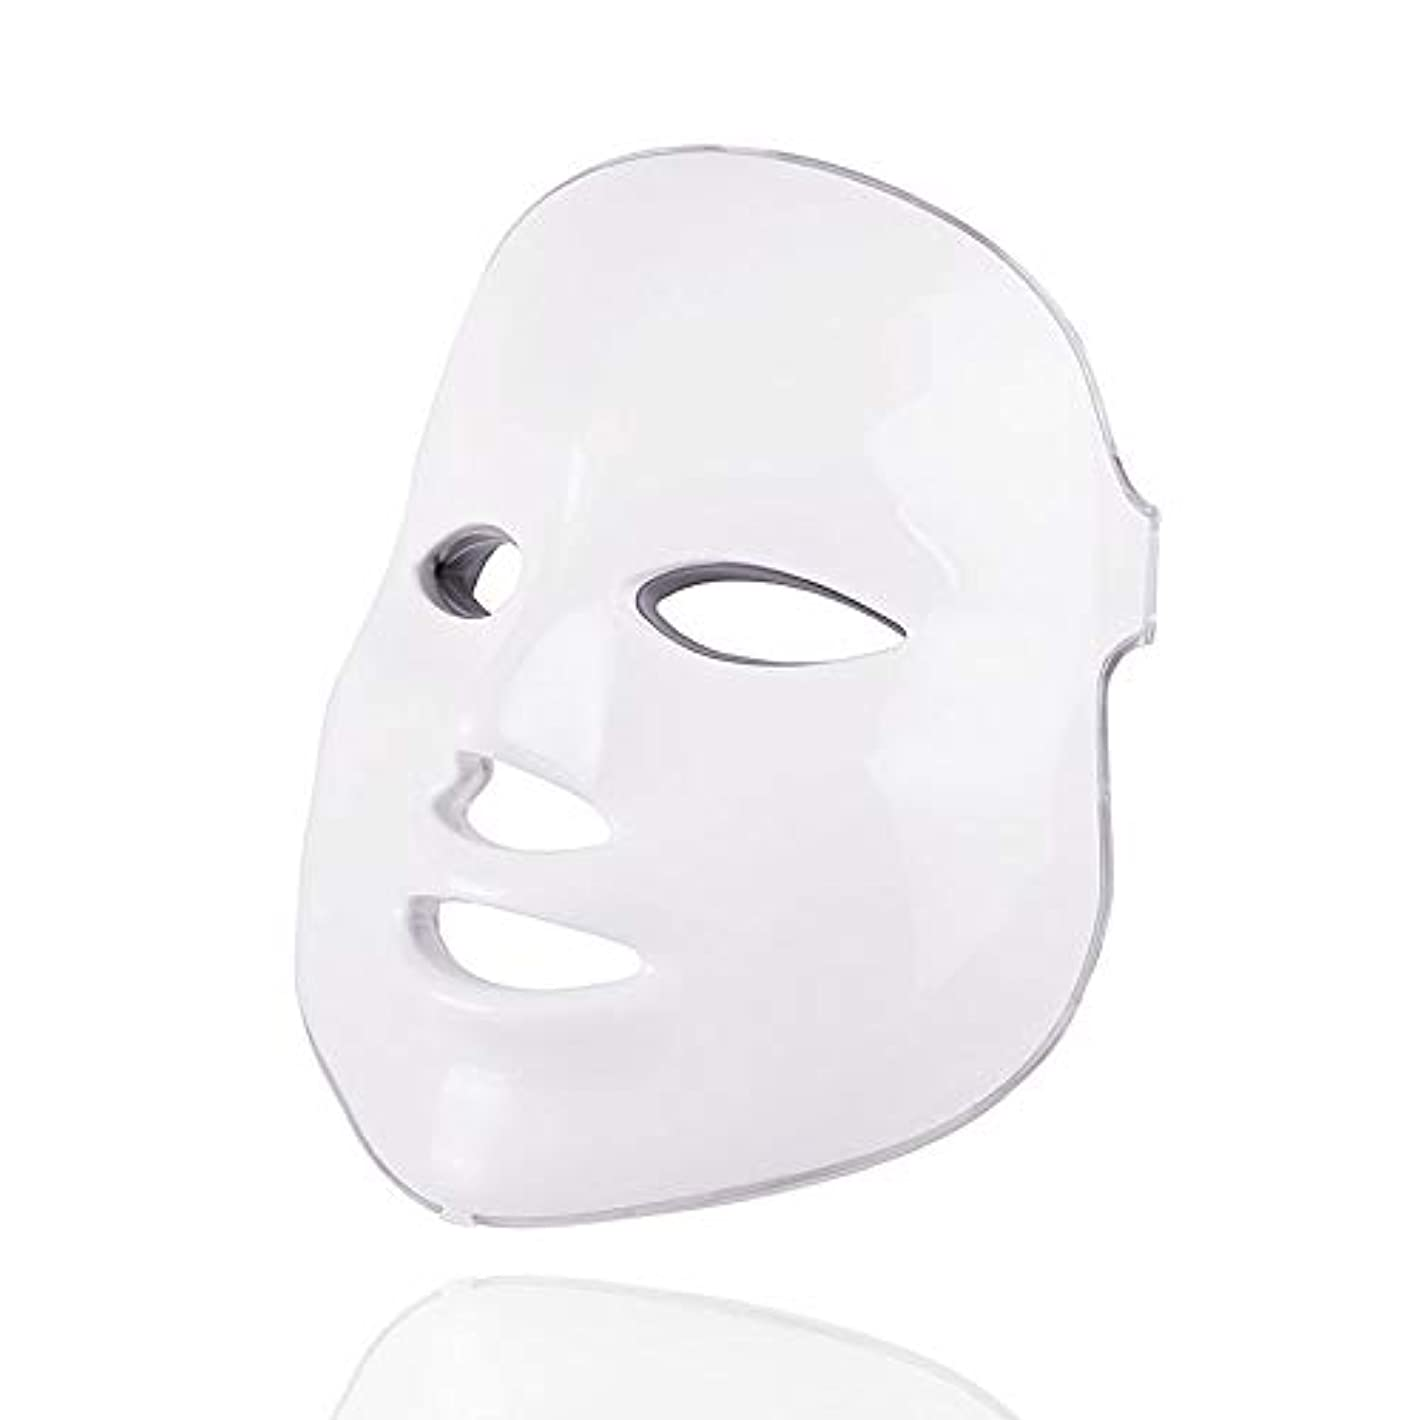 回転させる世論調査合意7色美容療法光子、ledフェイシャルマスクライトスキンケア若返りしわにきび除去顔美容スパ楽器